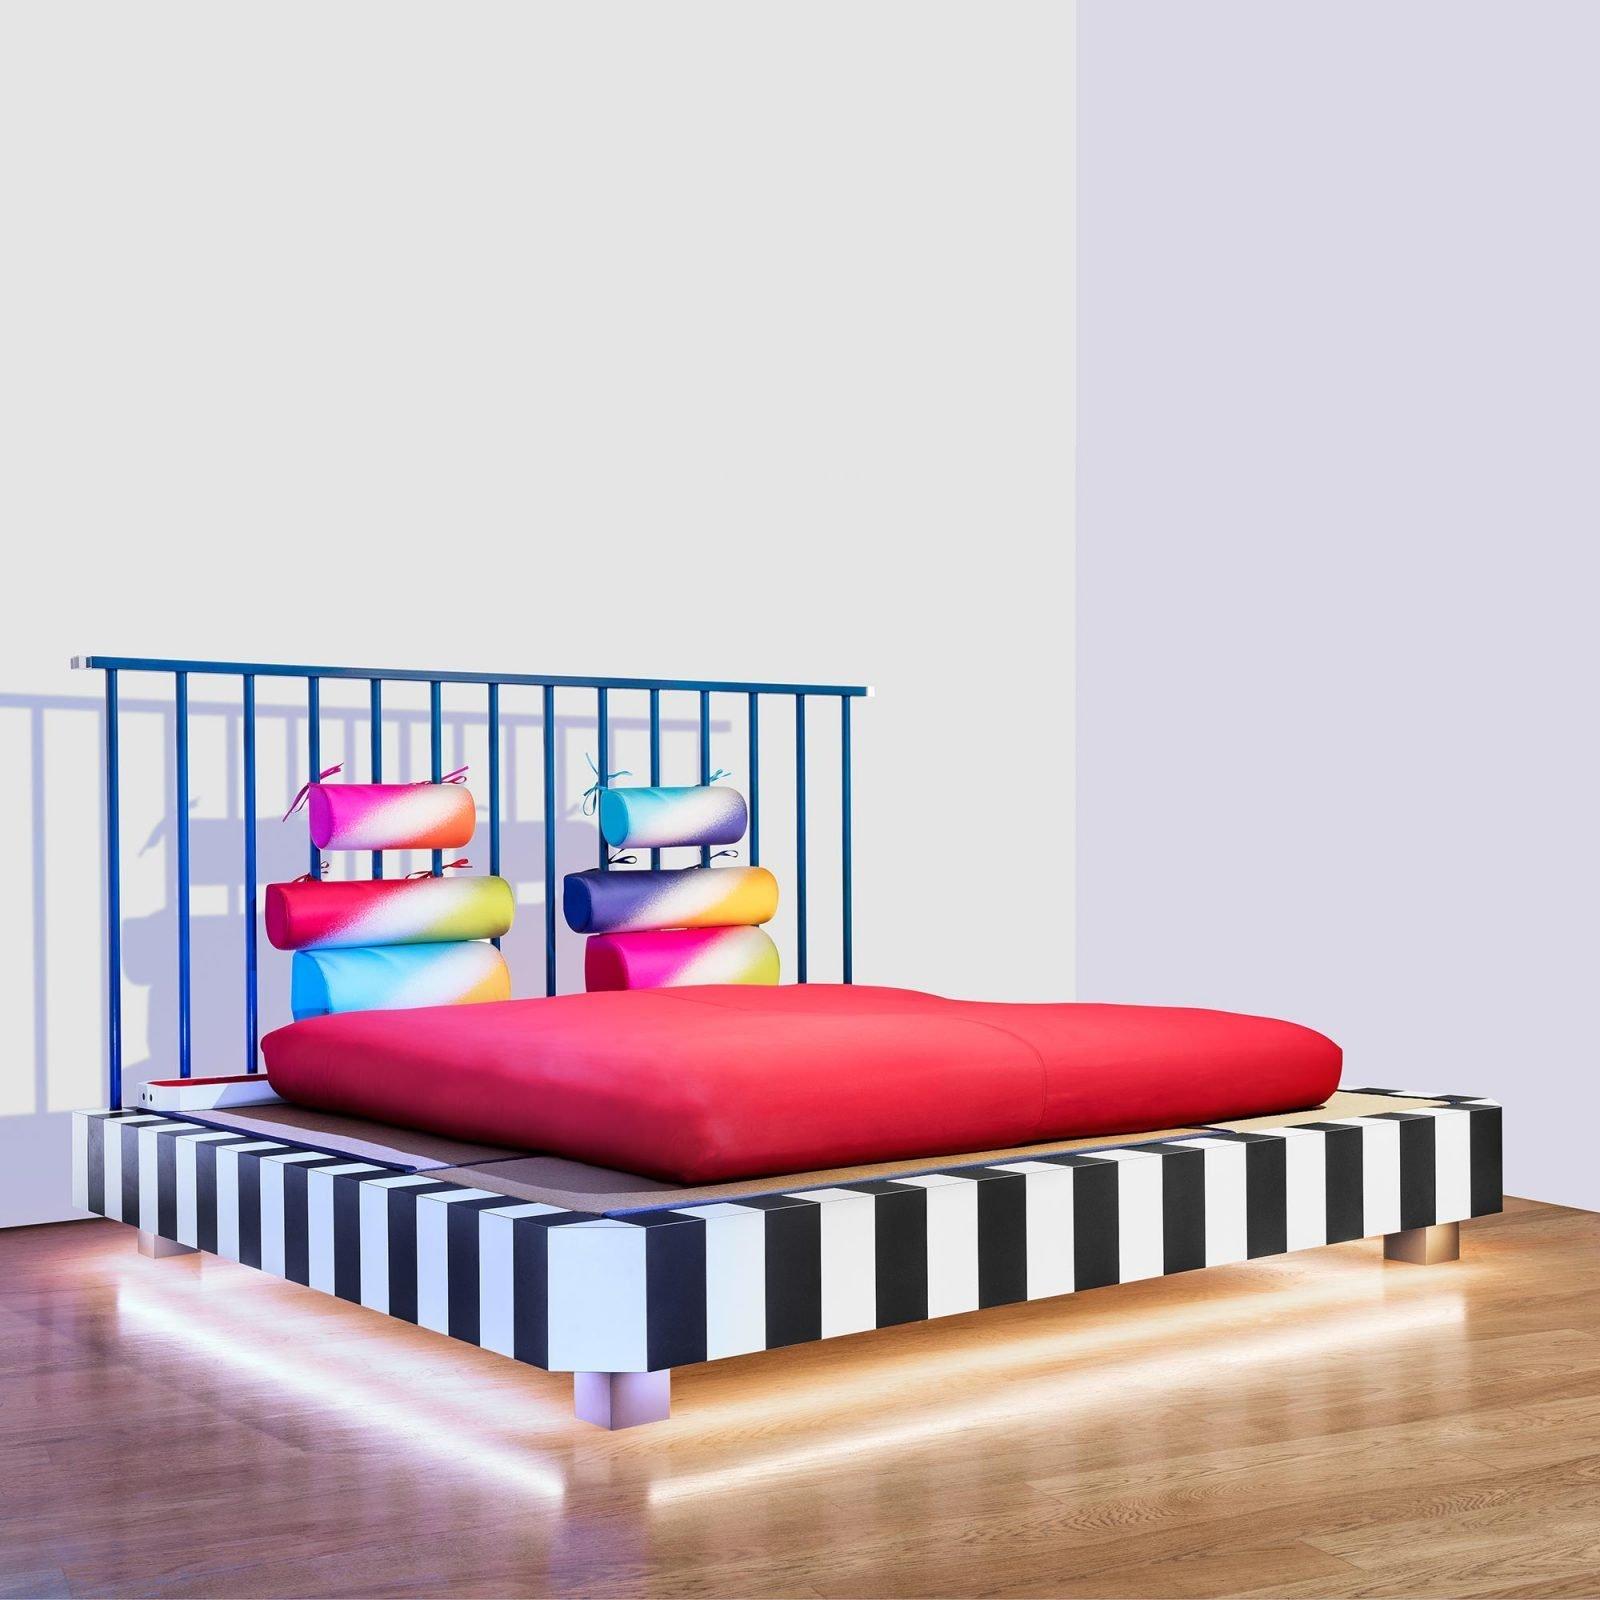 Utamaro Bed